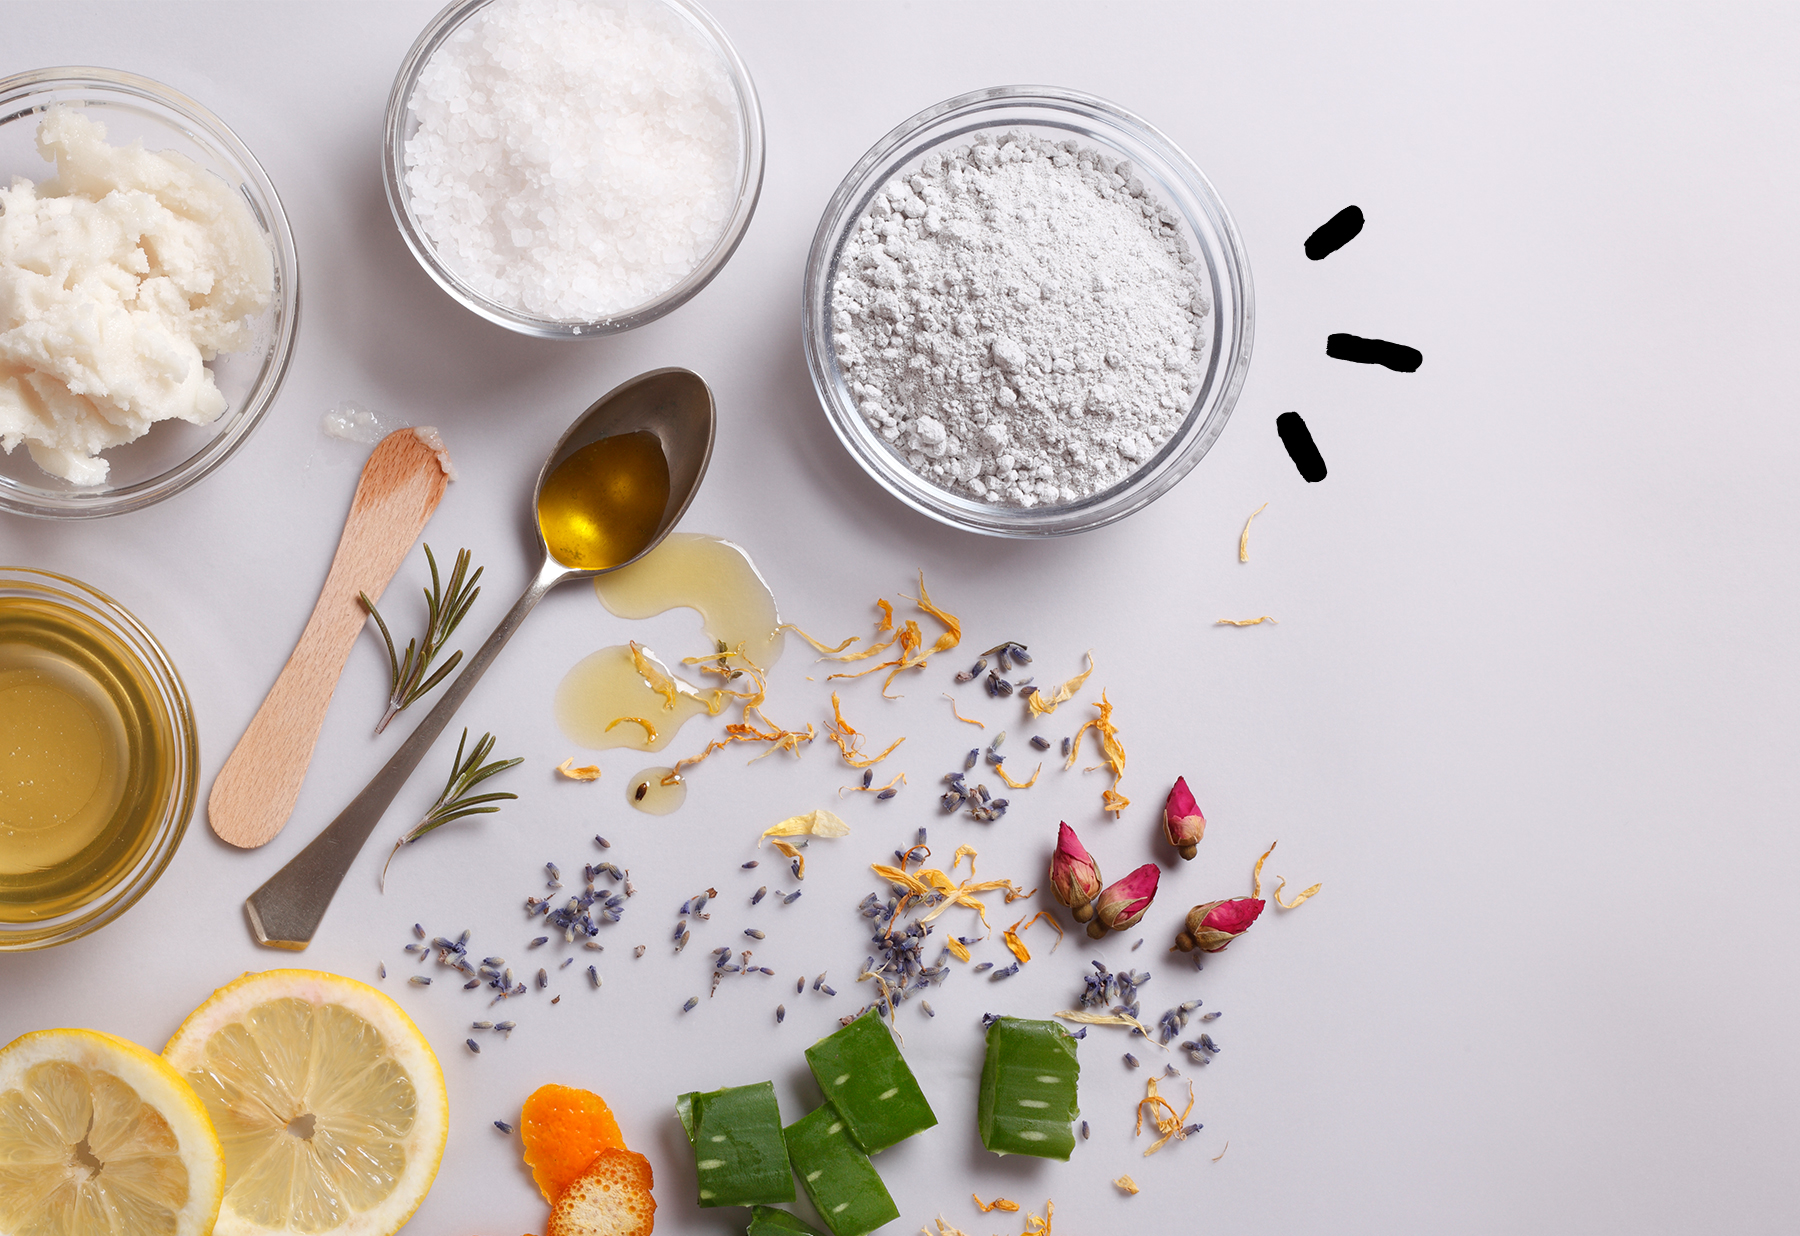 bicarbonato di sodio per lerezione)